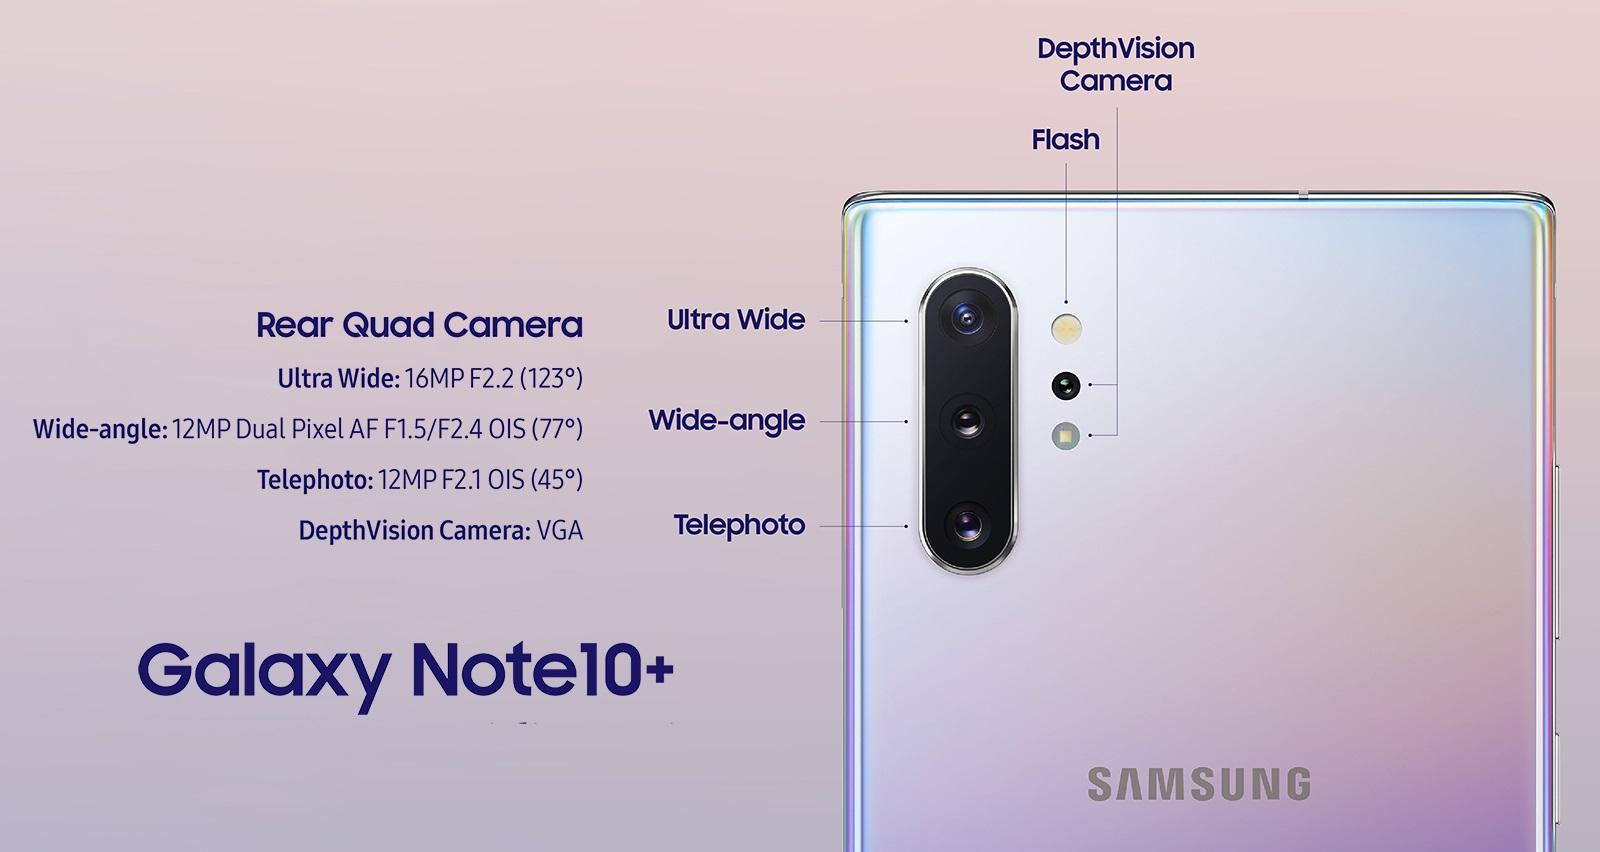 أقوى الهواتف المتوفرة في السوق المصري على مستوى الكاميرا الخلفية